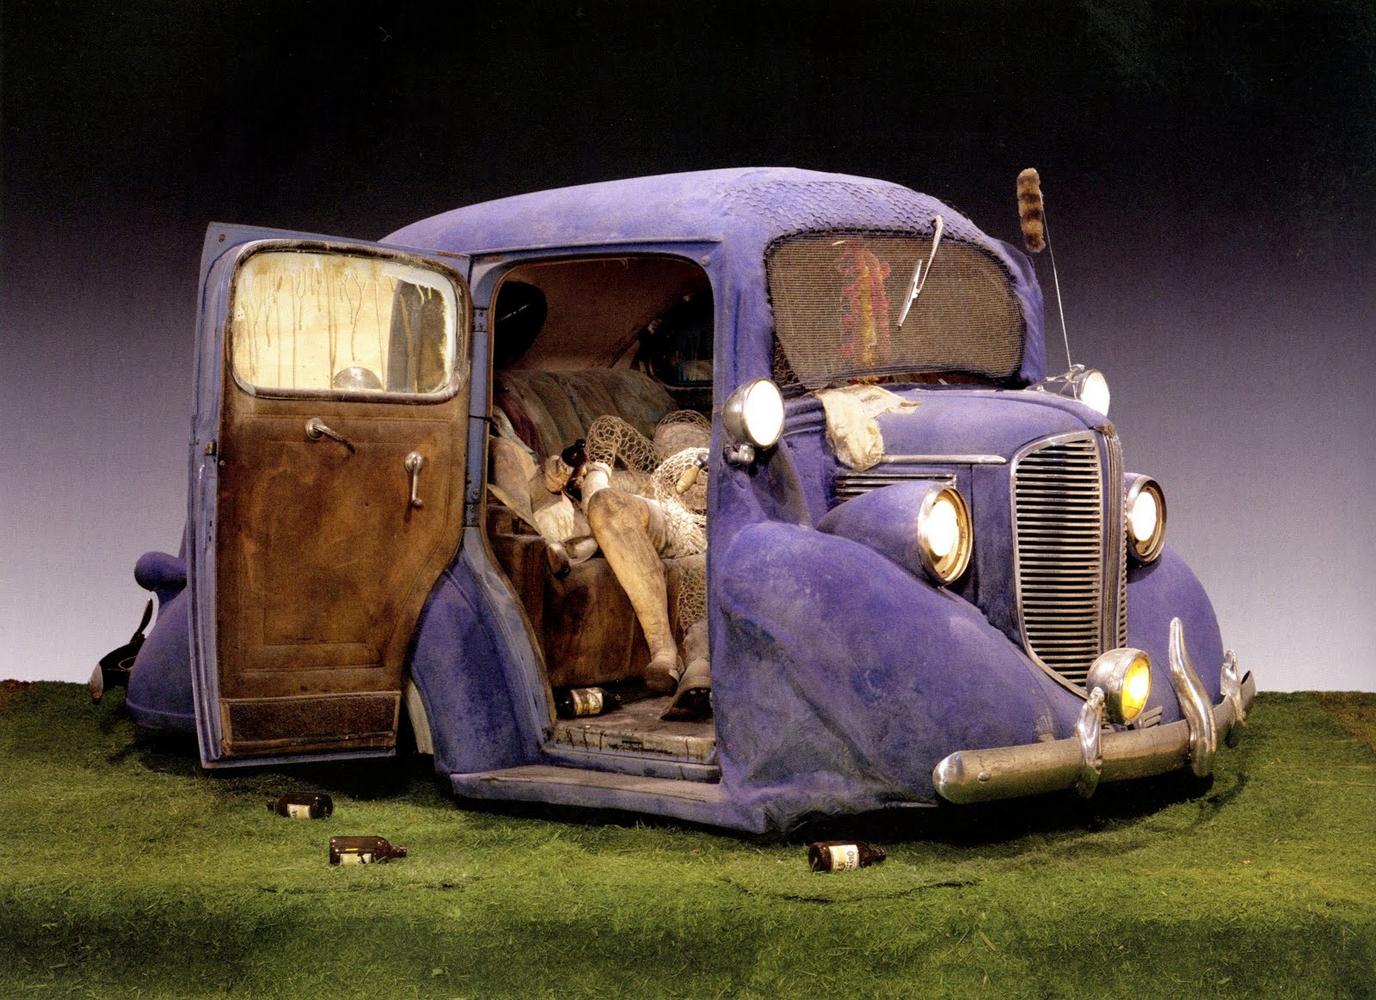 Back seat dodge 38 edward kienholz sartle see art differently